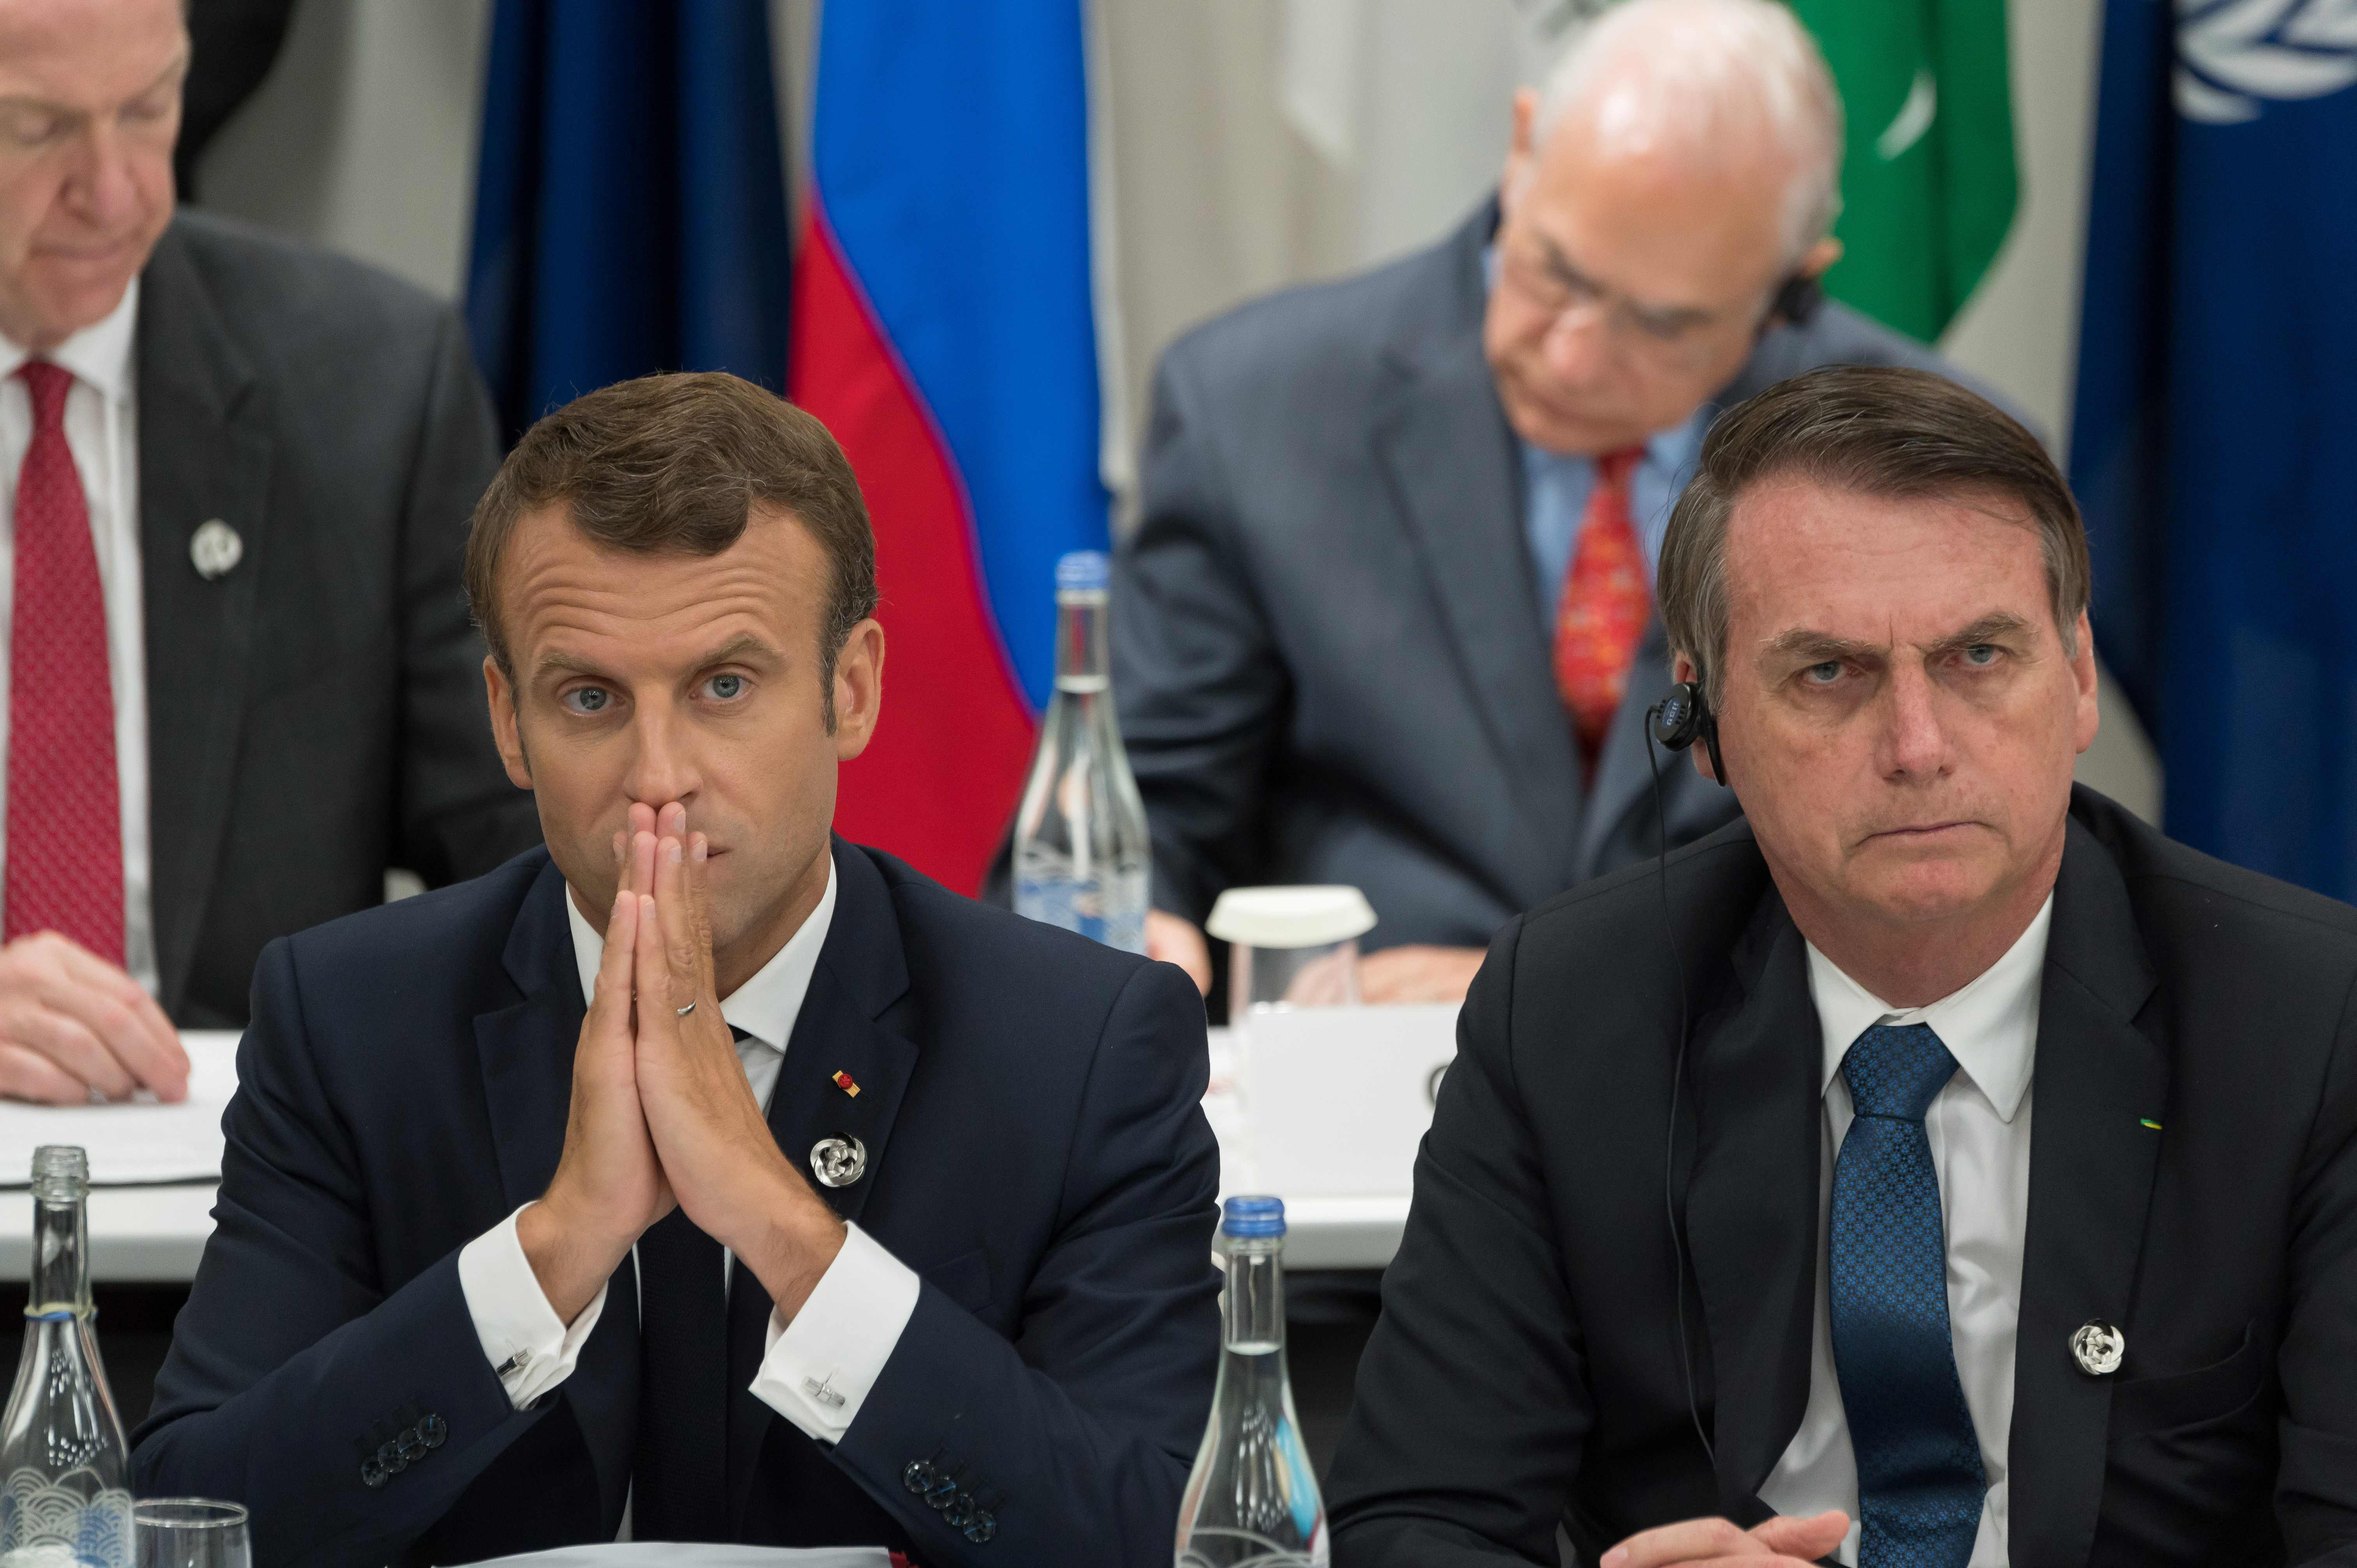 因為亞馬遜熱帶雨林大火的認知與處理方式不同,巴西總統波索納洛(右)與法國總統馬克宏(左)之間互看不順眼。波索納洛甚至出言侮辱法國第一夫人,馬克宏公開表示不滿。圖為兩人今年8月出席G20大阪峰會,相鄰而坐。 (Getty Images)